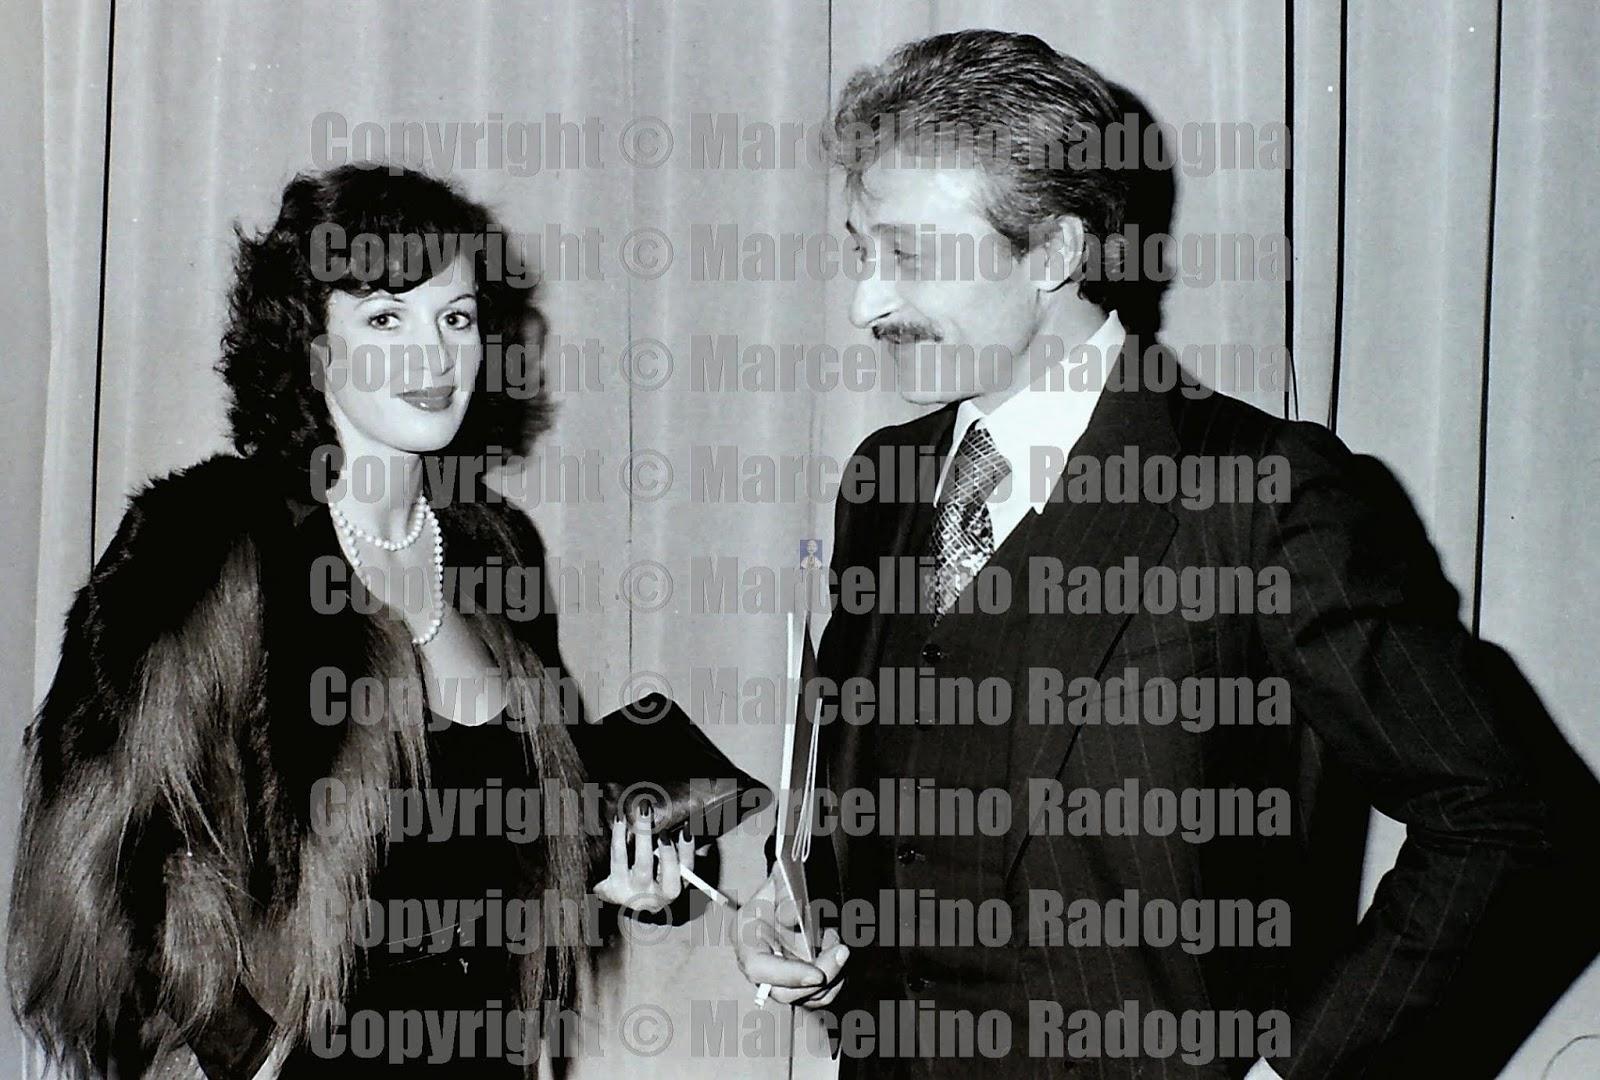 Paola Senatore marcellino radogna - fotonotizie per la stampa: paola